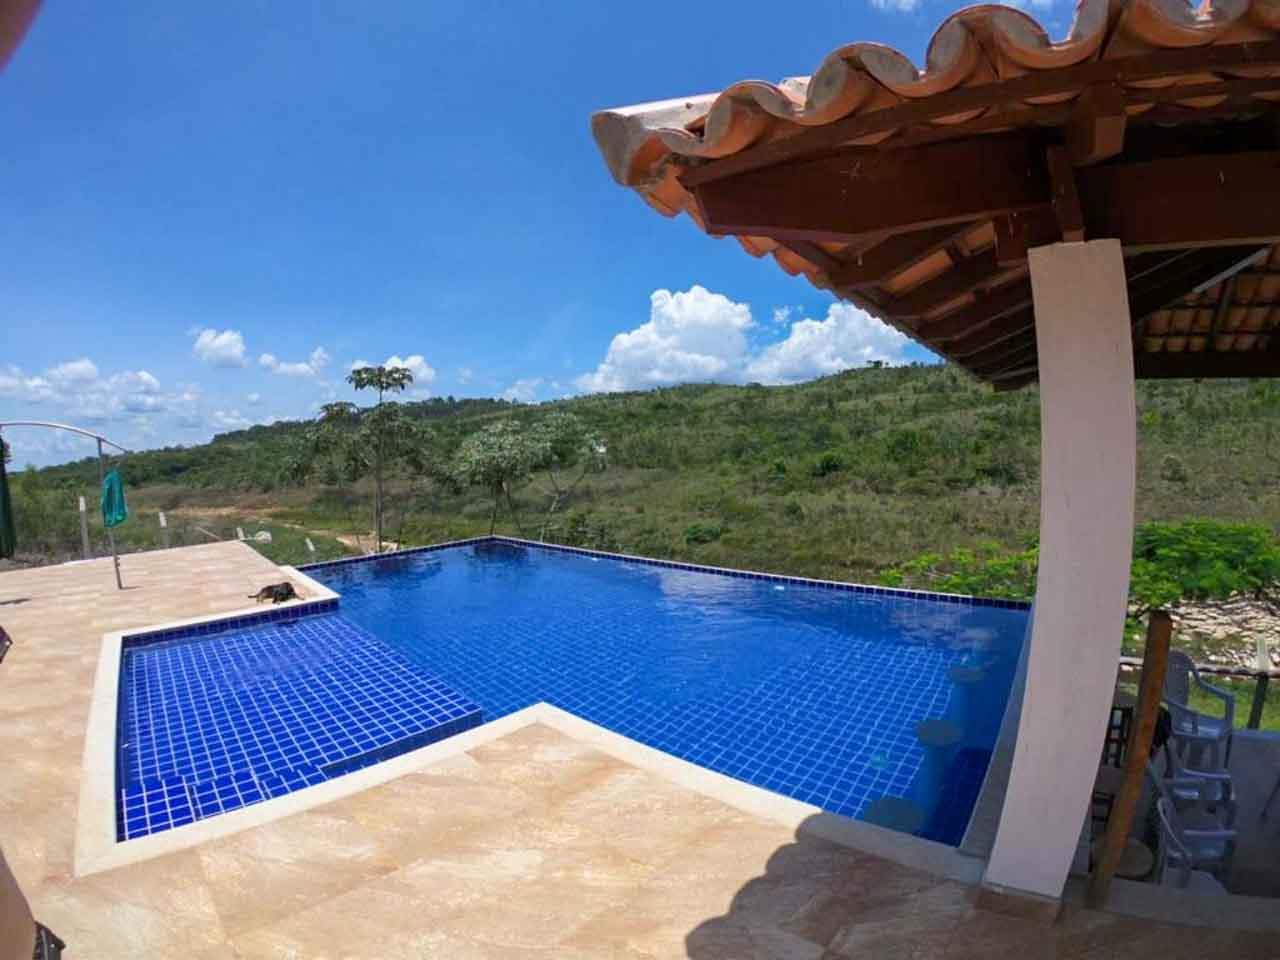 Suítes Canaã e uma das piscinas panorâmicas mais lindas de Capitólio.